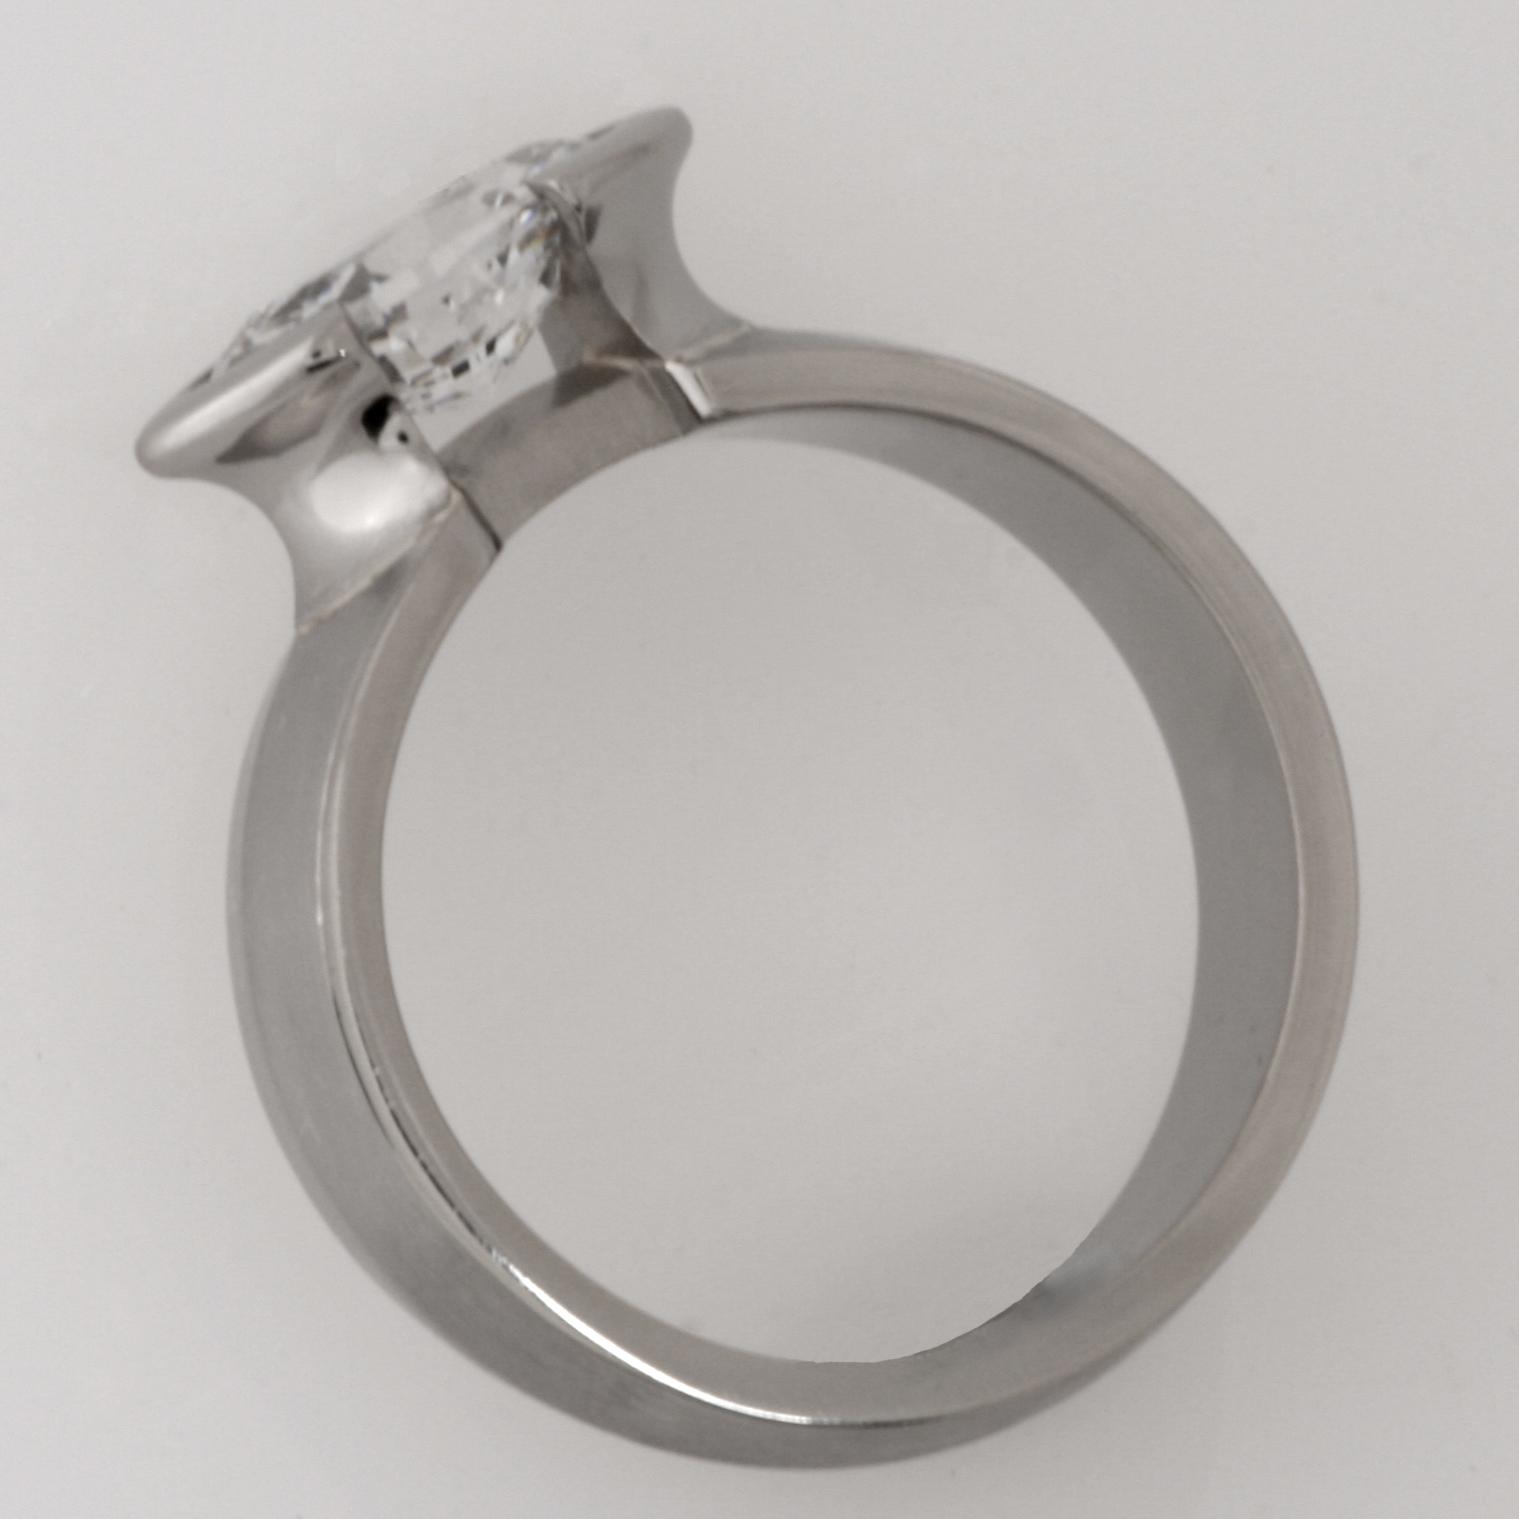 Handmade ladies 18ct white gold diamond engagement ring